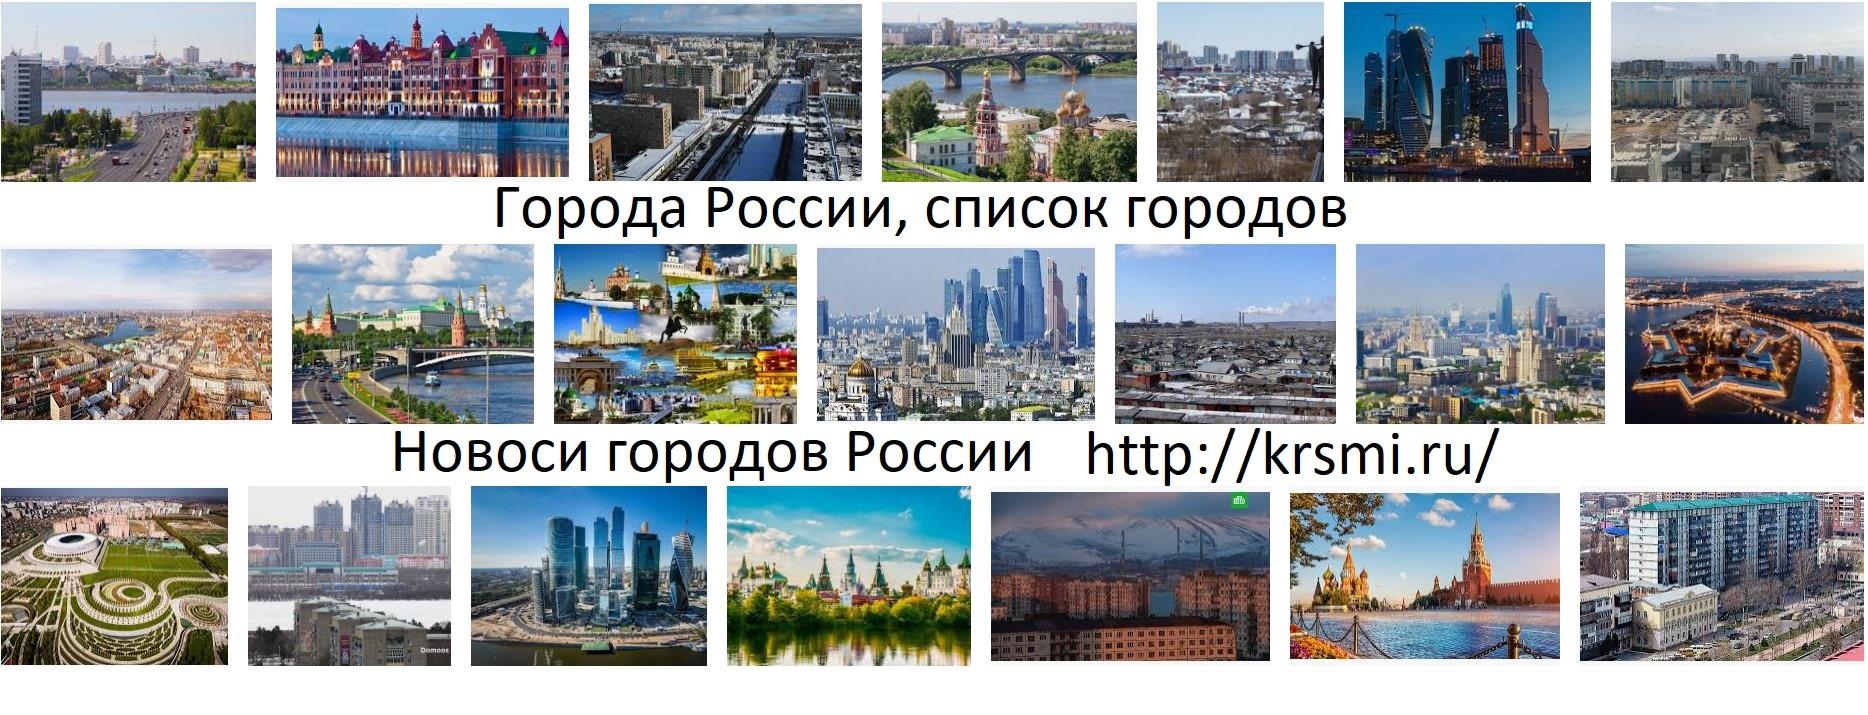 Список городов России